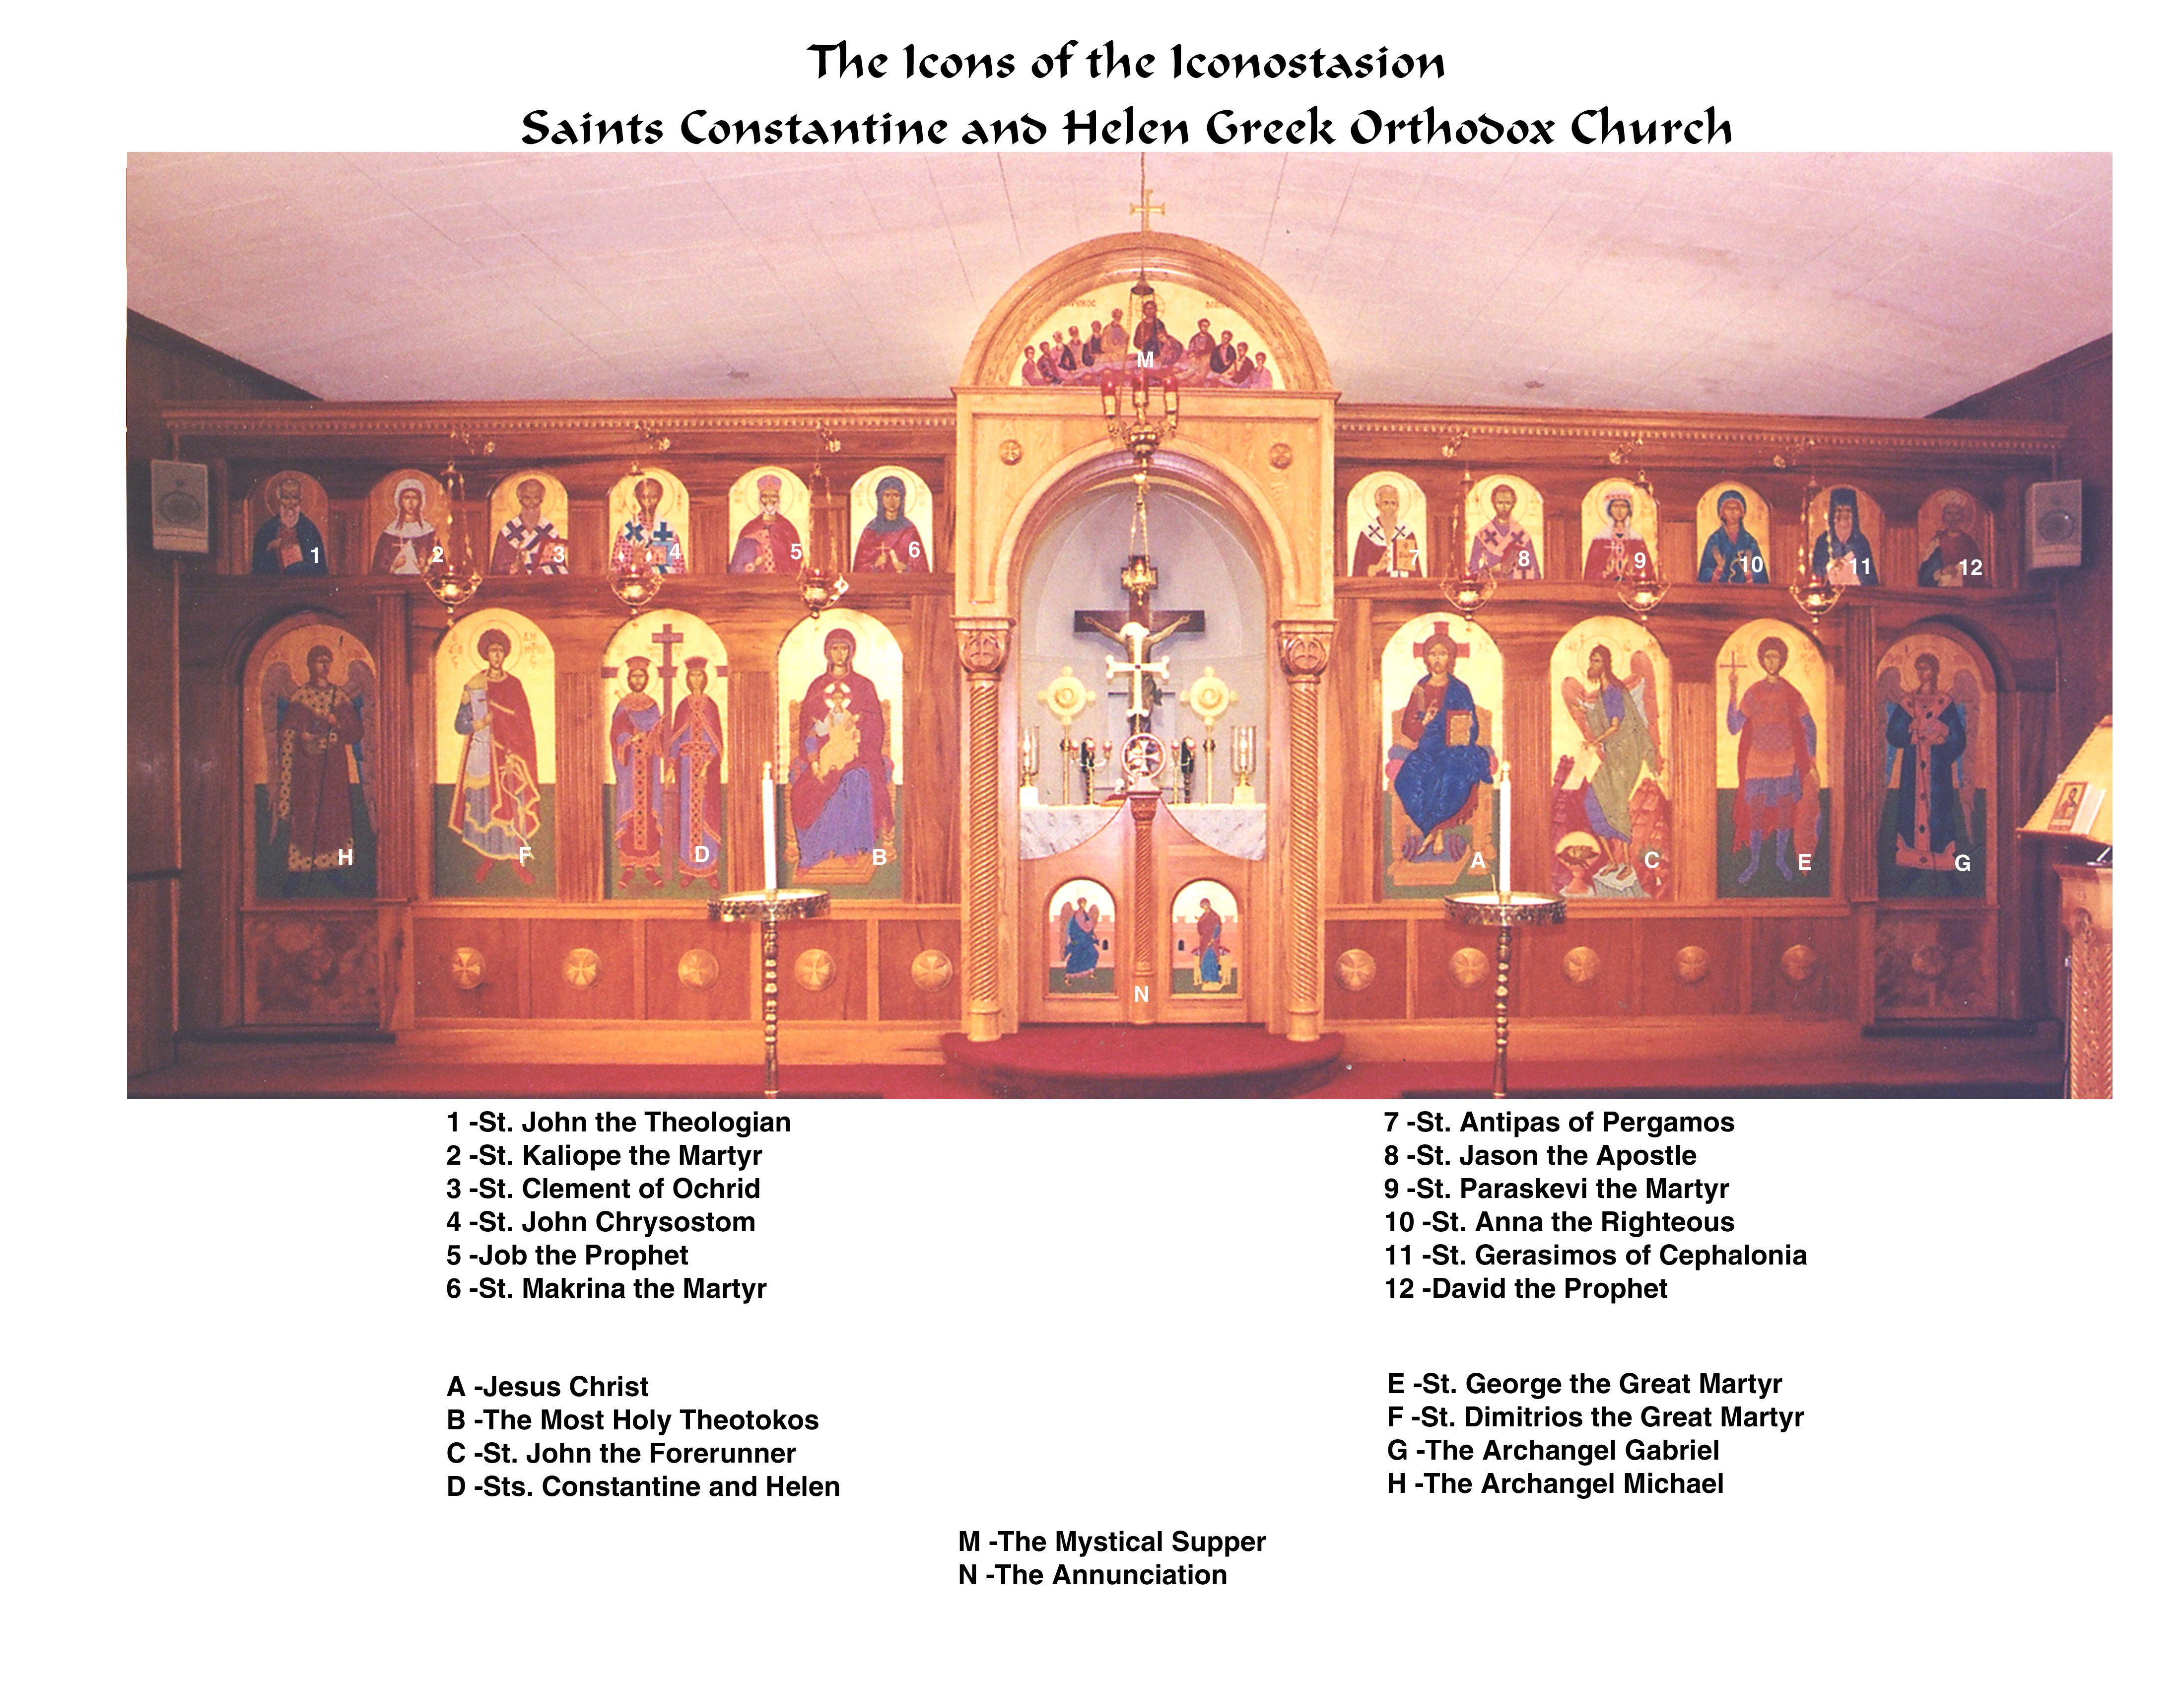 Iconostasion